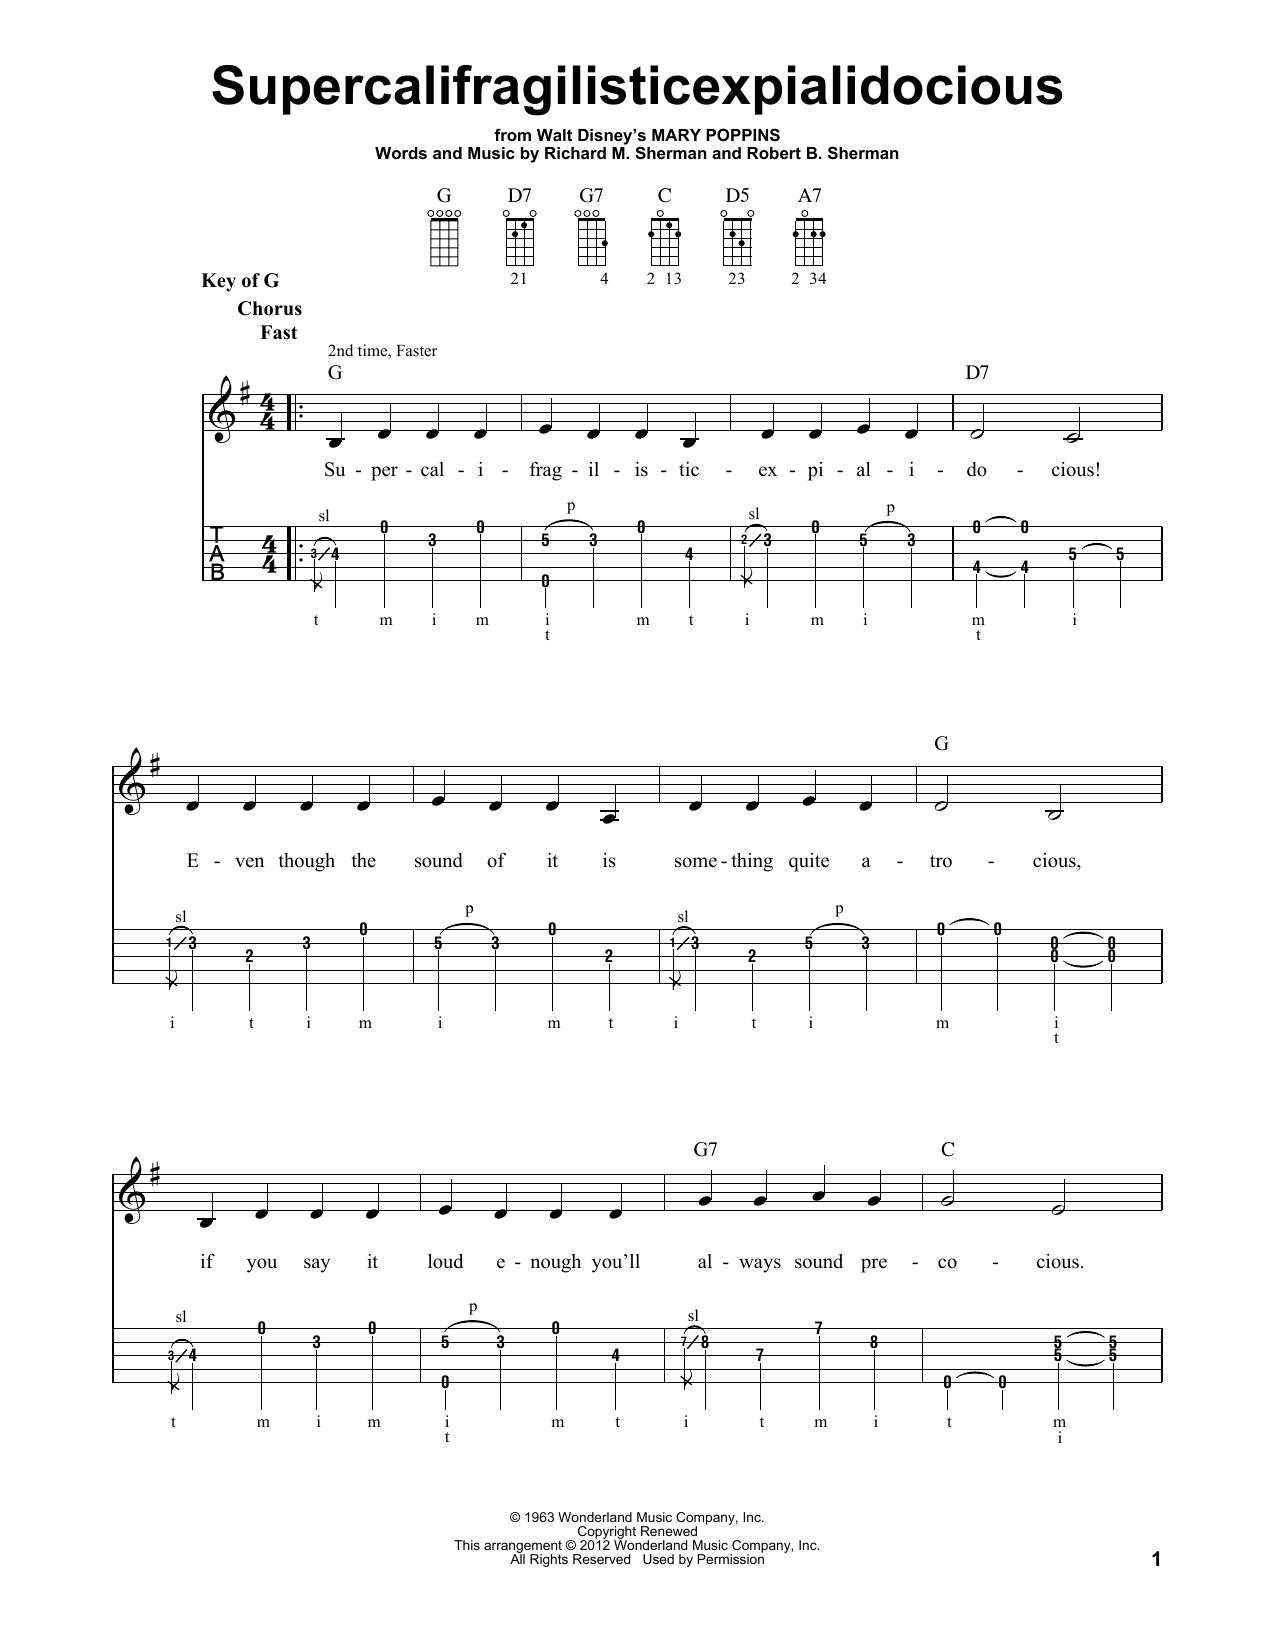 Supercalifragilisticexpialidocious Sheet Music